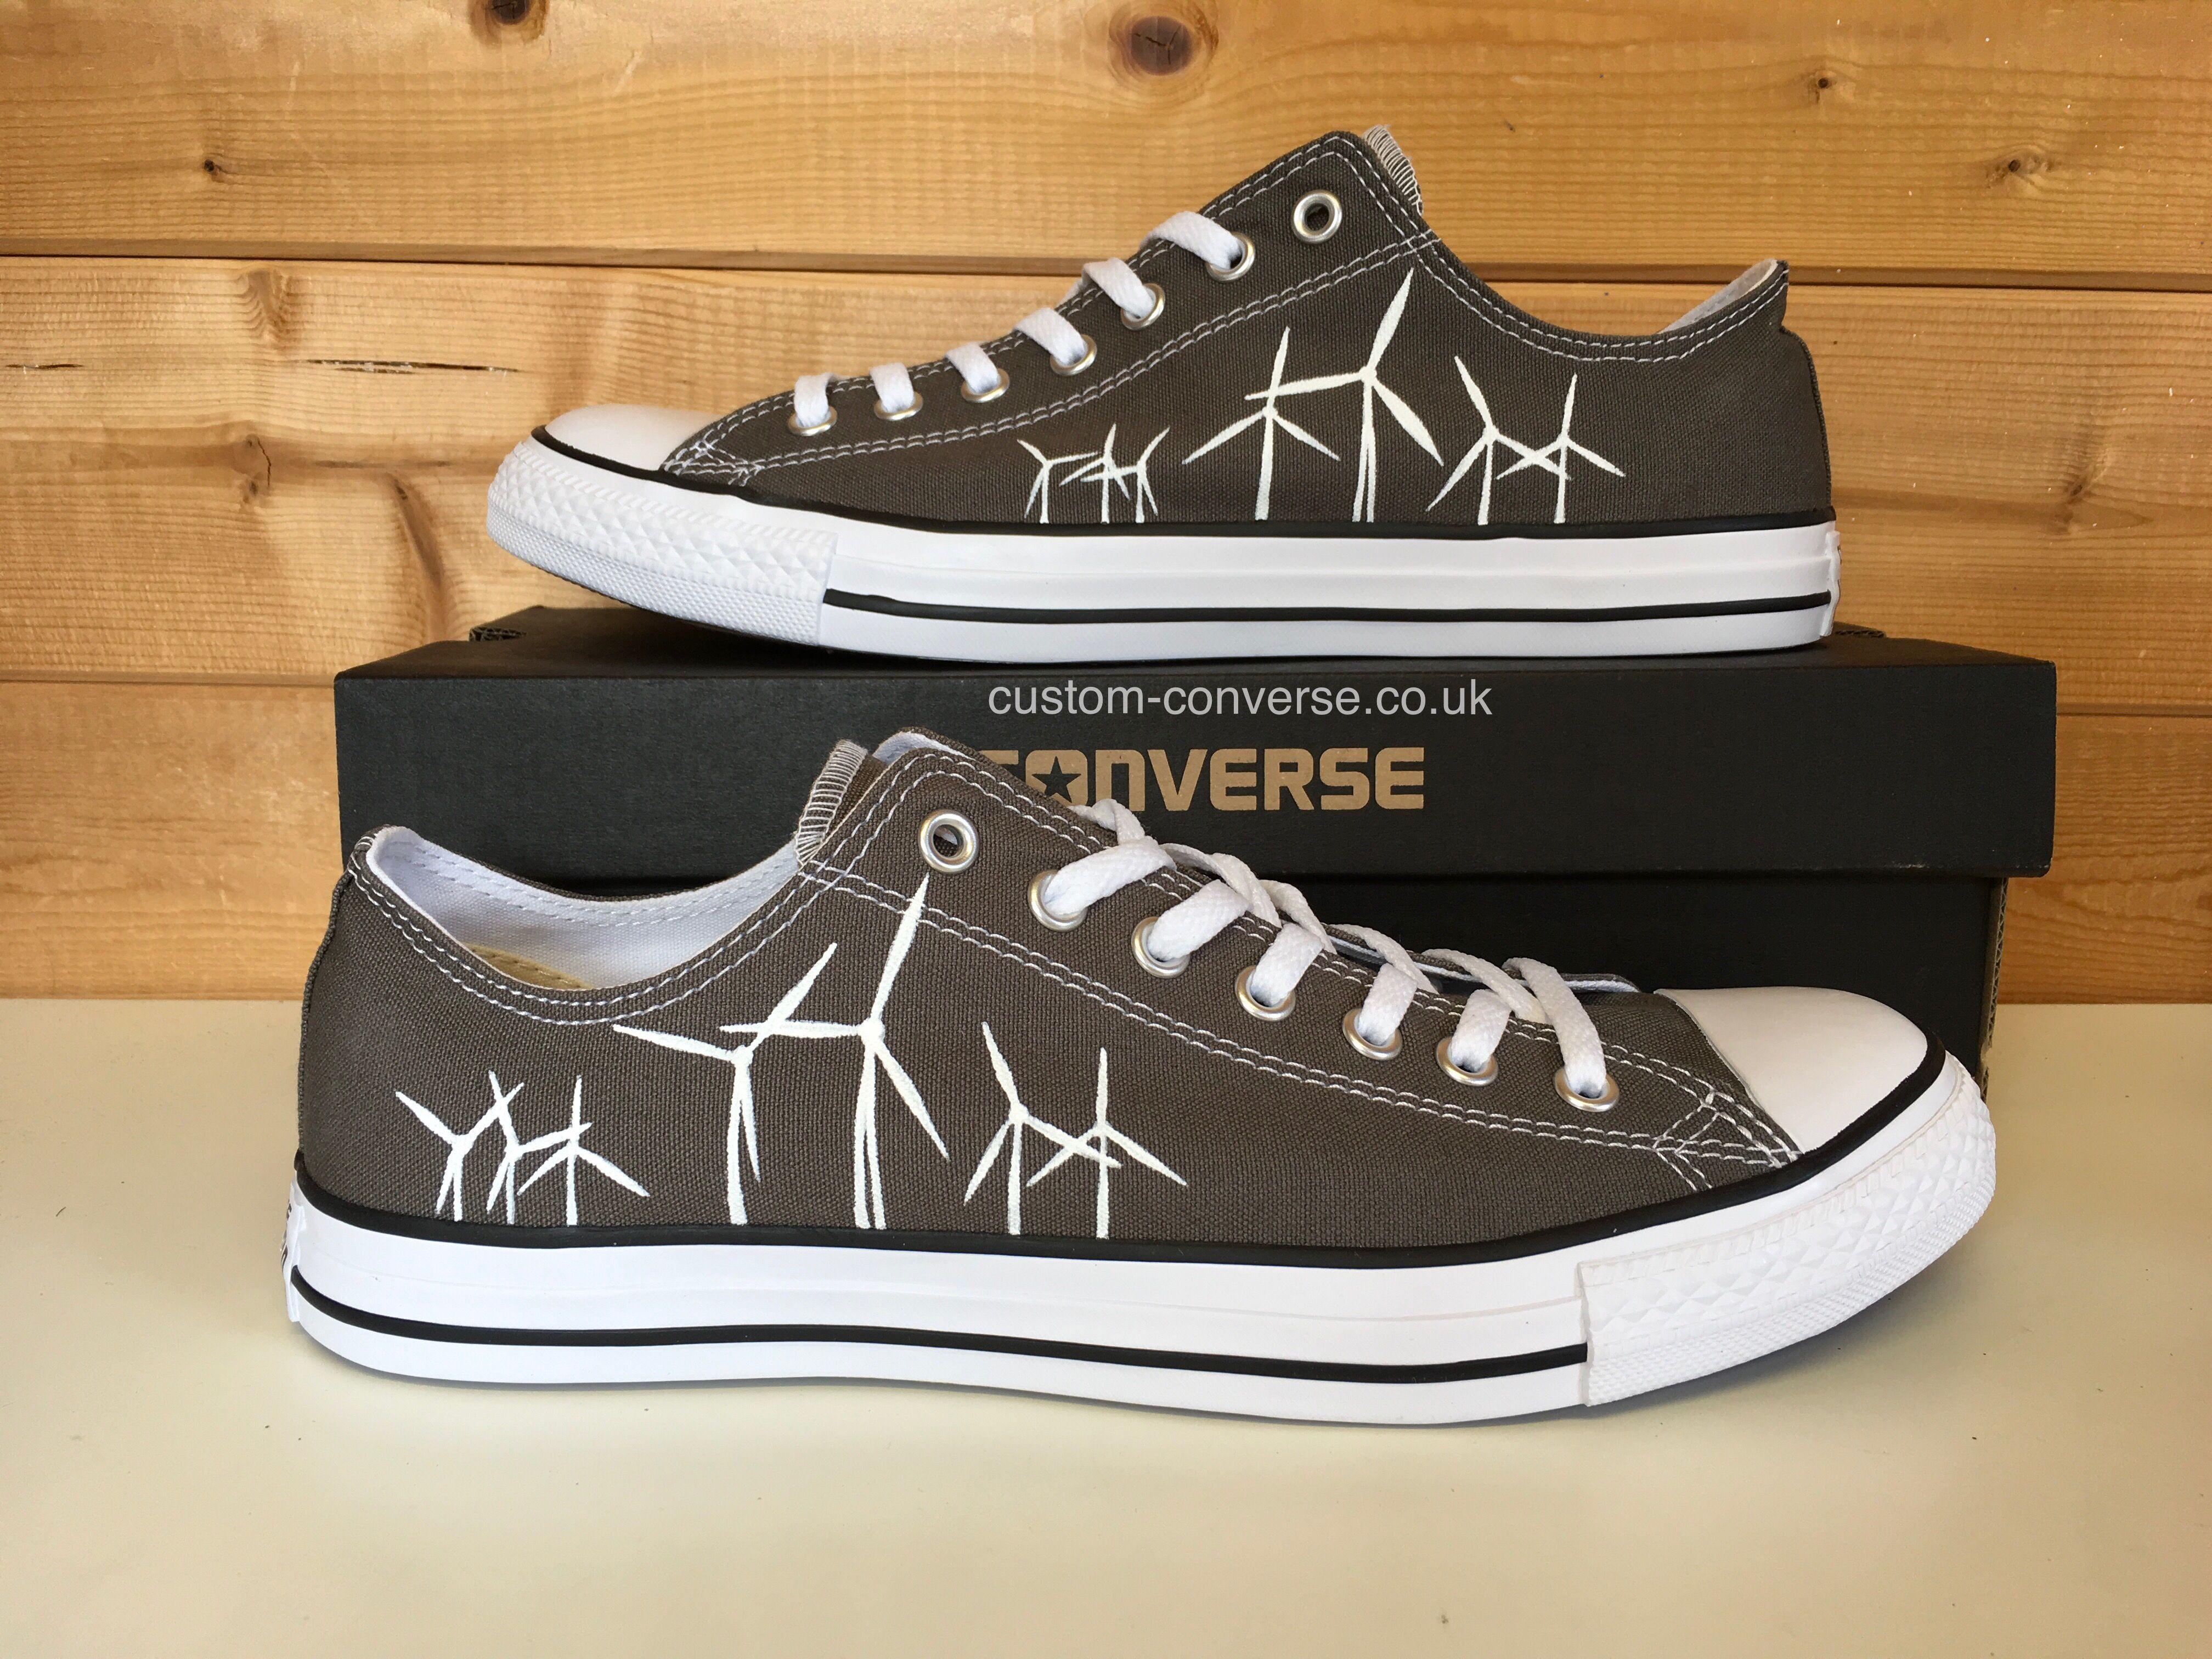 377d7e49702d77 Wind Turbine low top Converse